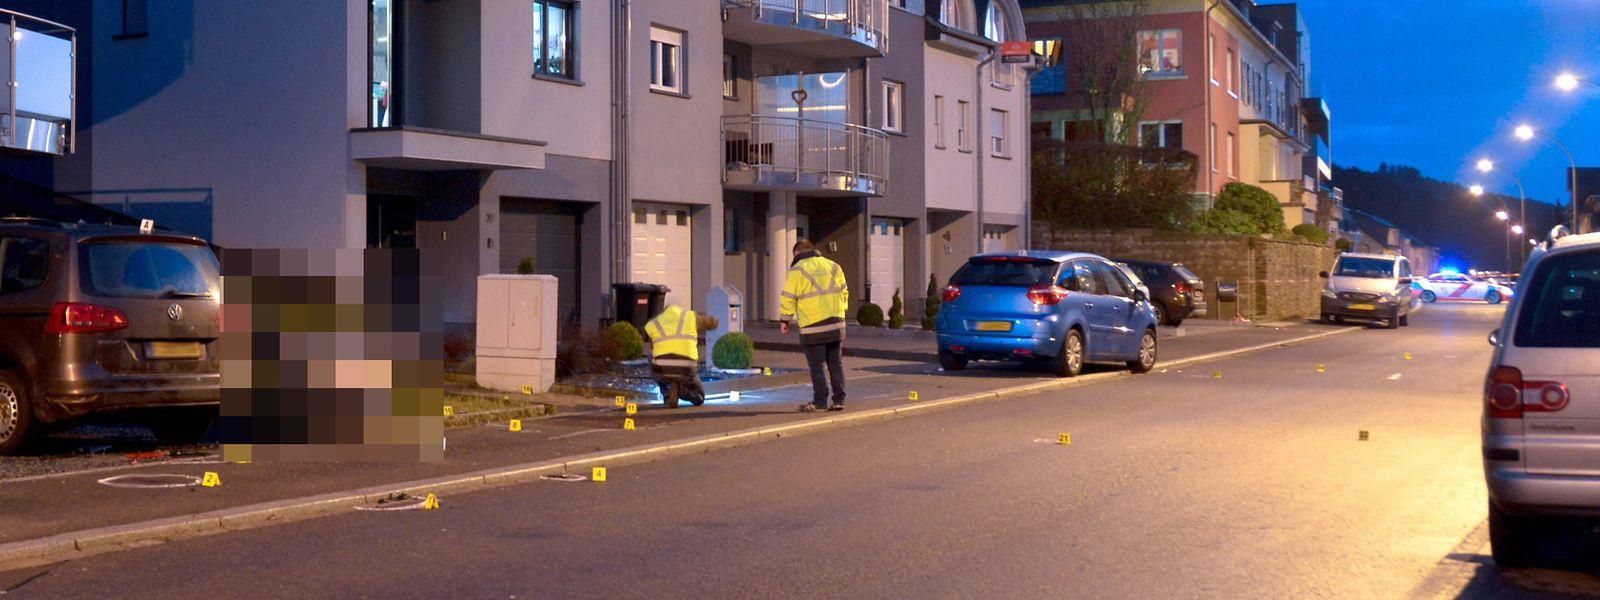 Mit diesem blauen Citroën raste der Täter in Wiltz in die Menschengruppe. Auf dem Bild sind Beamte des Mess- und Erkennungsdienstes bei der Spurensicherung zu sehen.